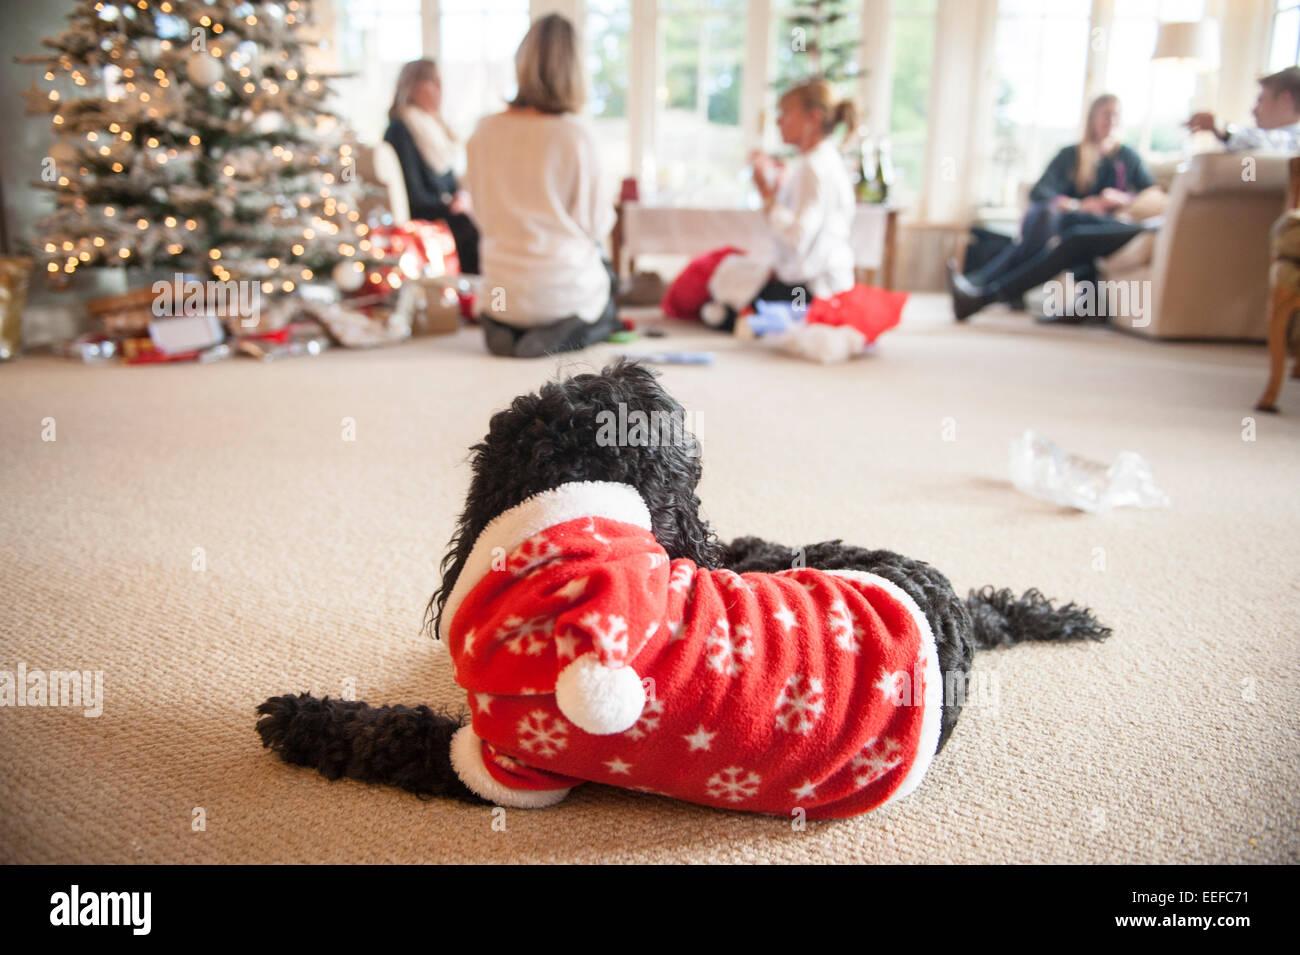 Ein schwarzer Hund in eine Weihnachts-Outfit beobachtet den heutigen Eröffnung Weihnachten und die Dekorationen Stockbild